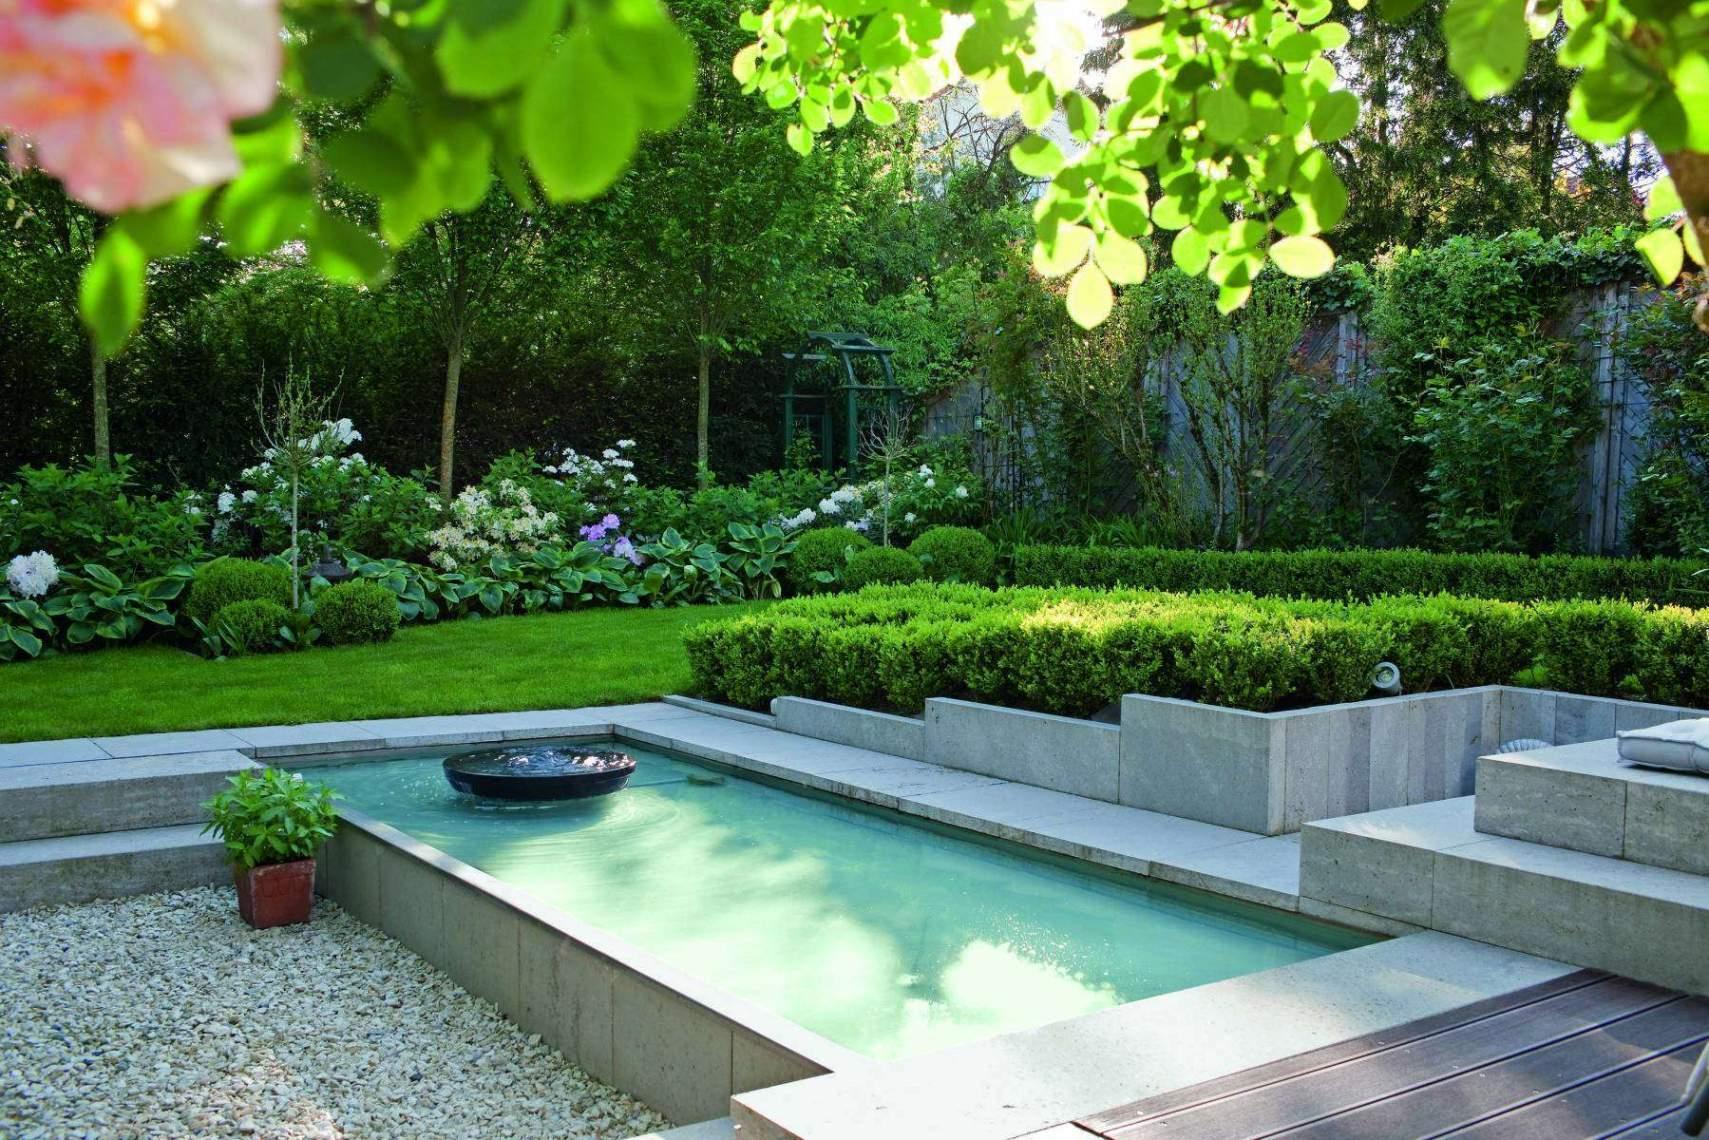 Aufbewahrungsbox Für Garten Genial 38 Das Beste Von Schwimmingpool Für Garten Schön